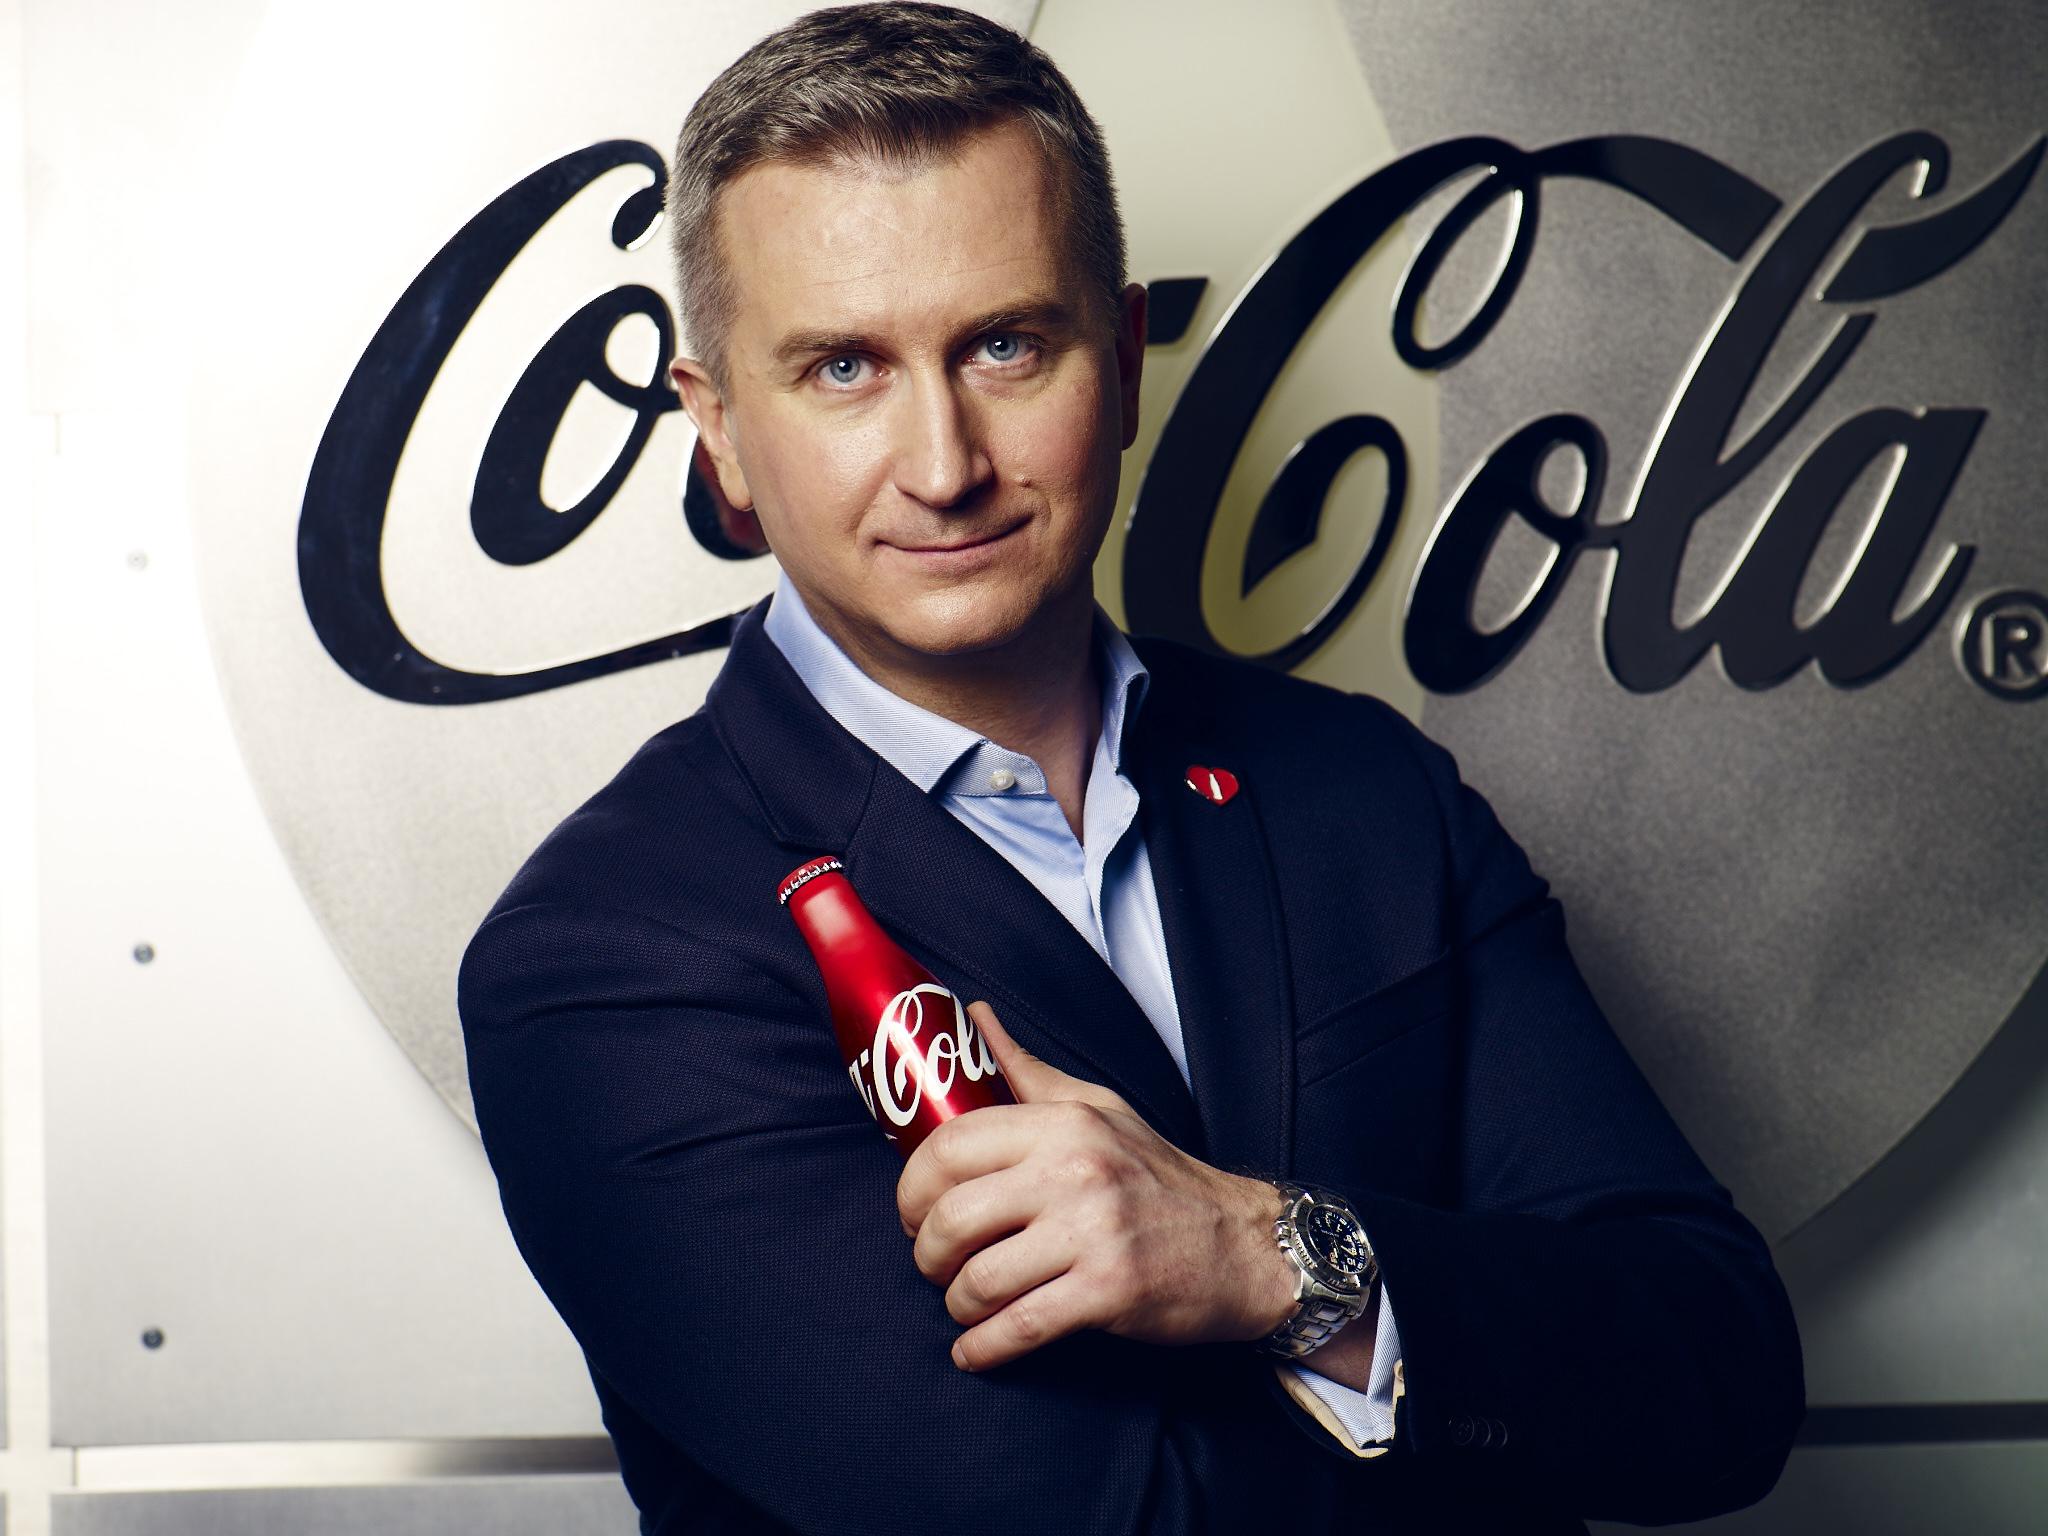 Mikołaj Ciaś Dyrektorem Marketingu w Coca-Cola Poland Services